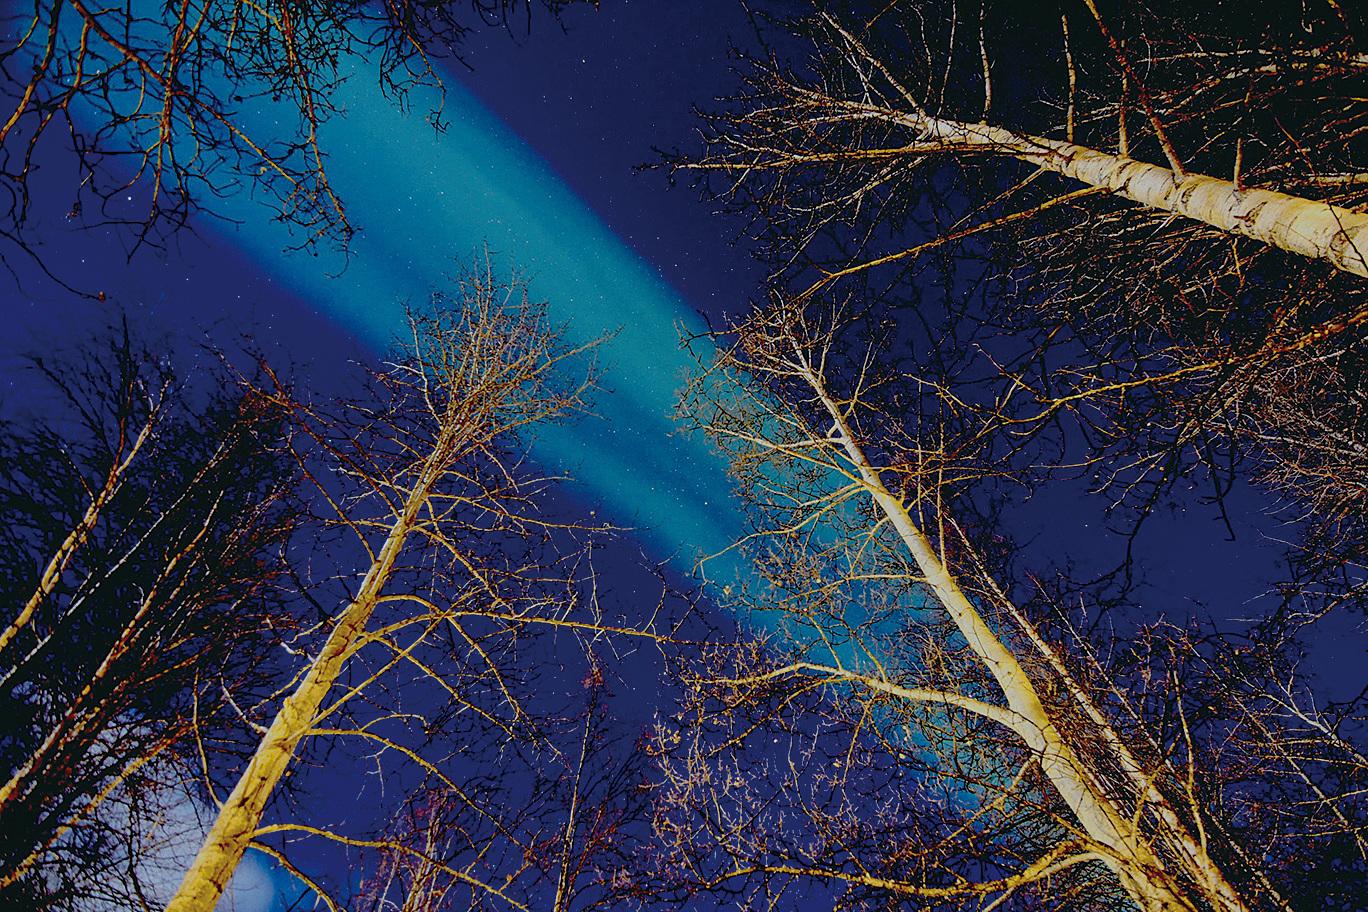 費爾班克斯出現的極光。(魯爾提供)